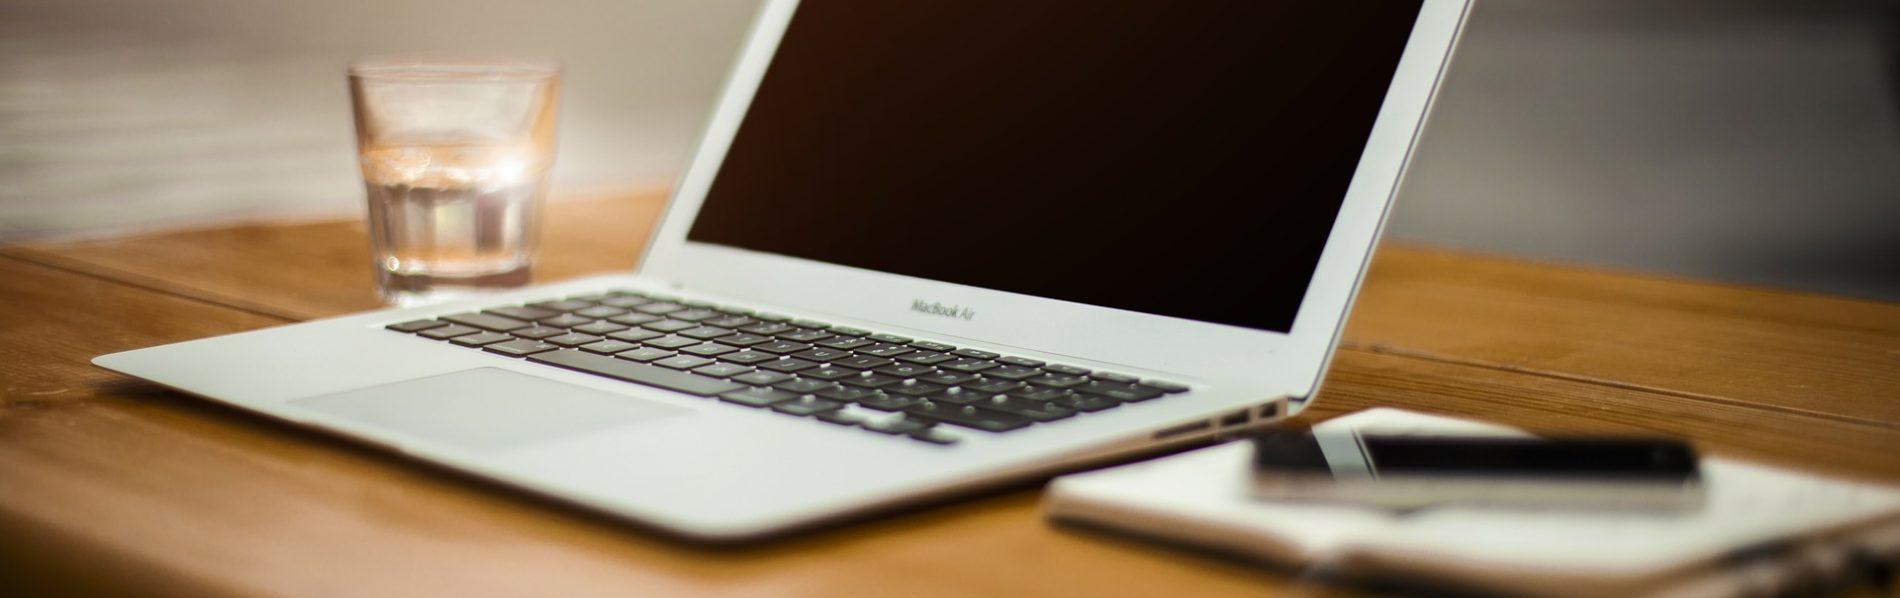 IT導入補助金申請サポートのサービス内容はこちら。